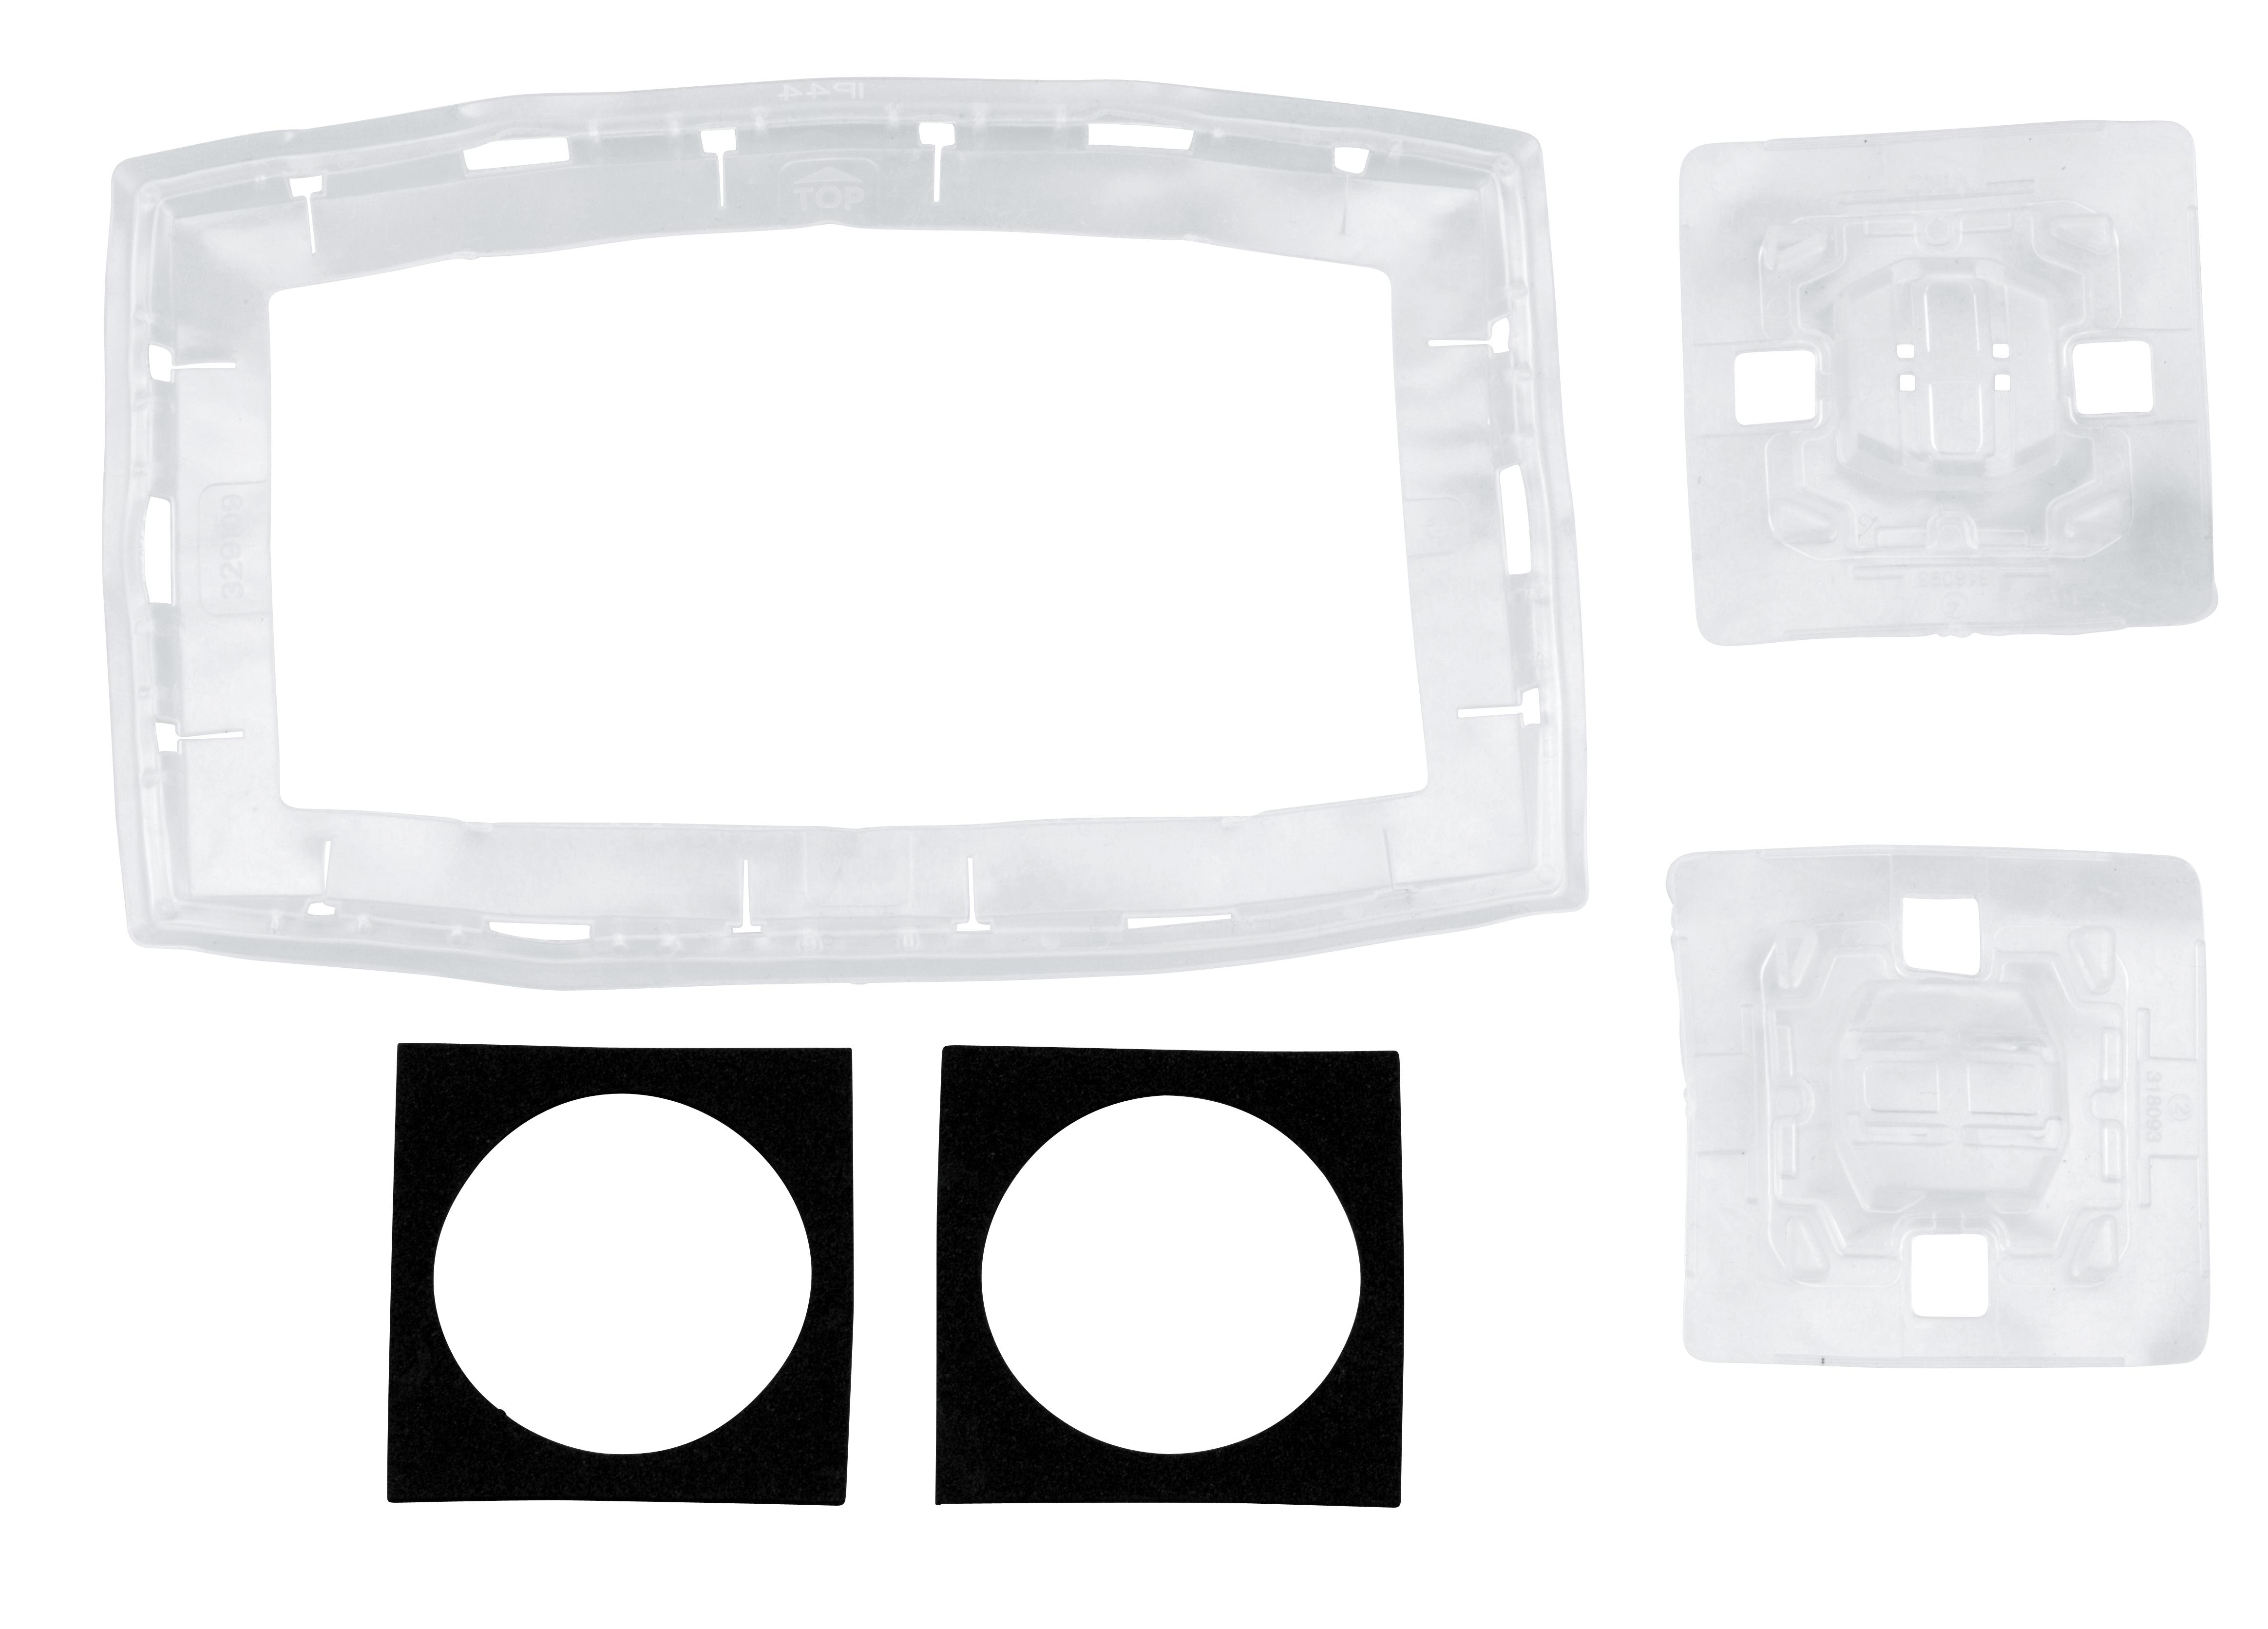 1 Stk Dichtungsset 2-fach für Schalter und Steckdosen, IP44 EV107005--